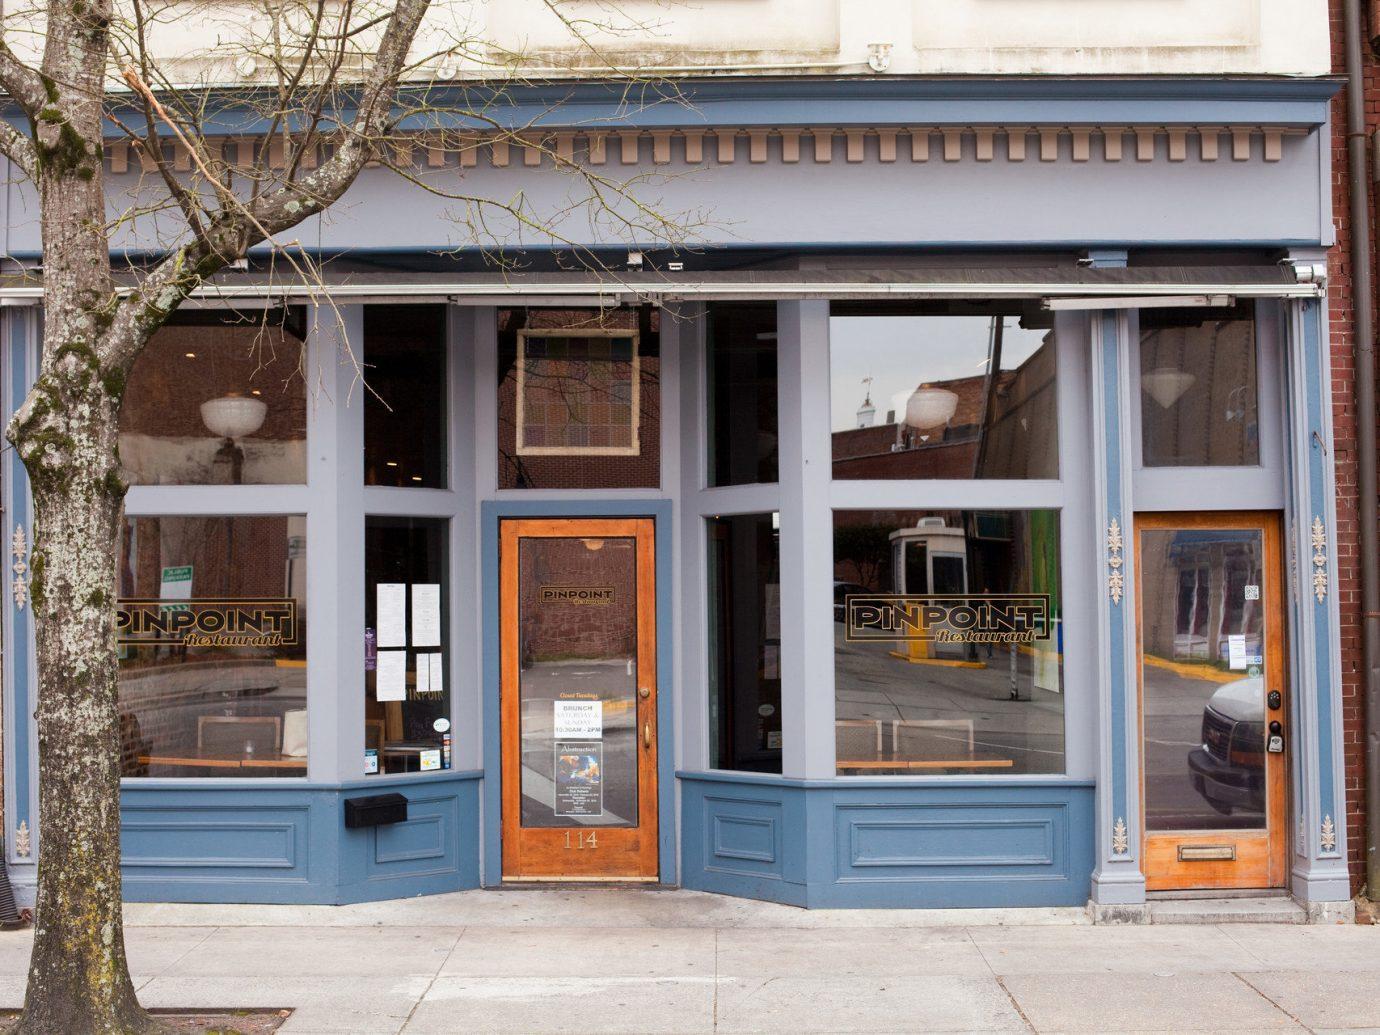 Trip Ideas building outdoor ground Architecture house facade sidewalk home interior design window restaurant store curb